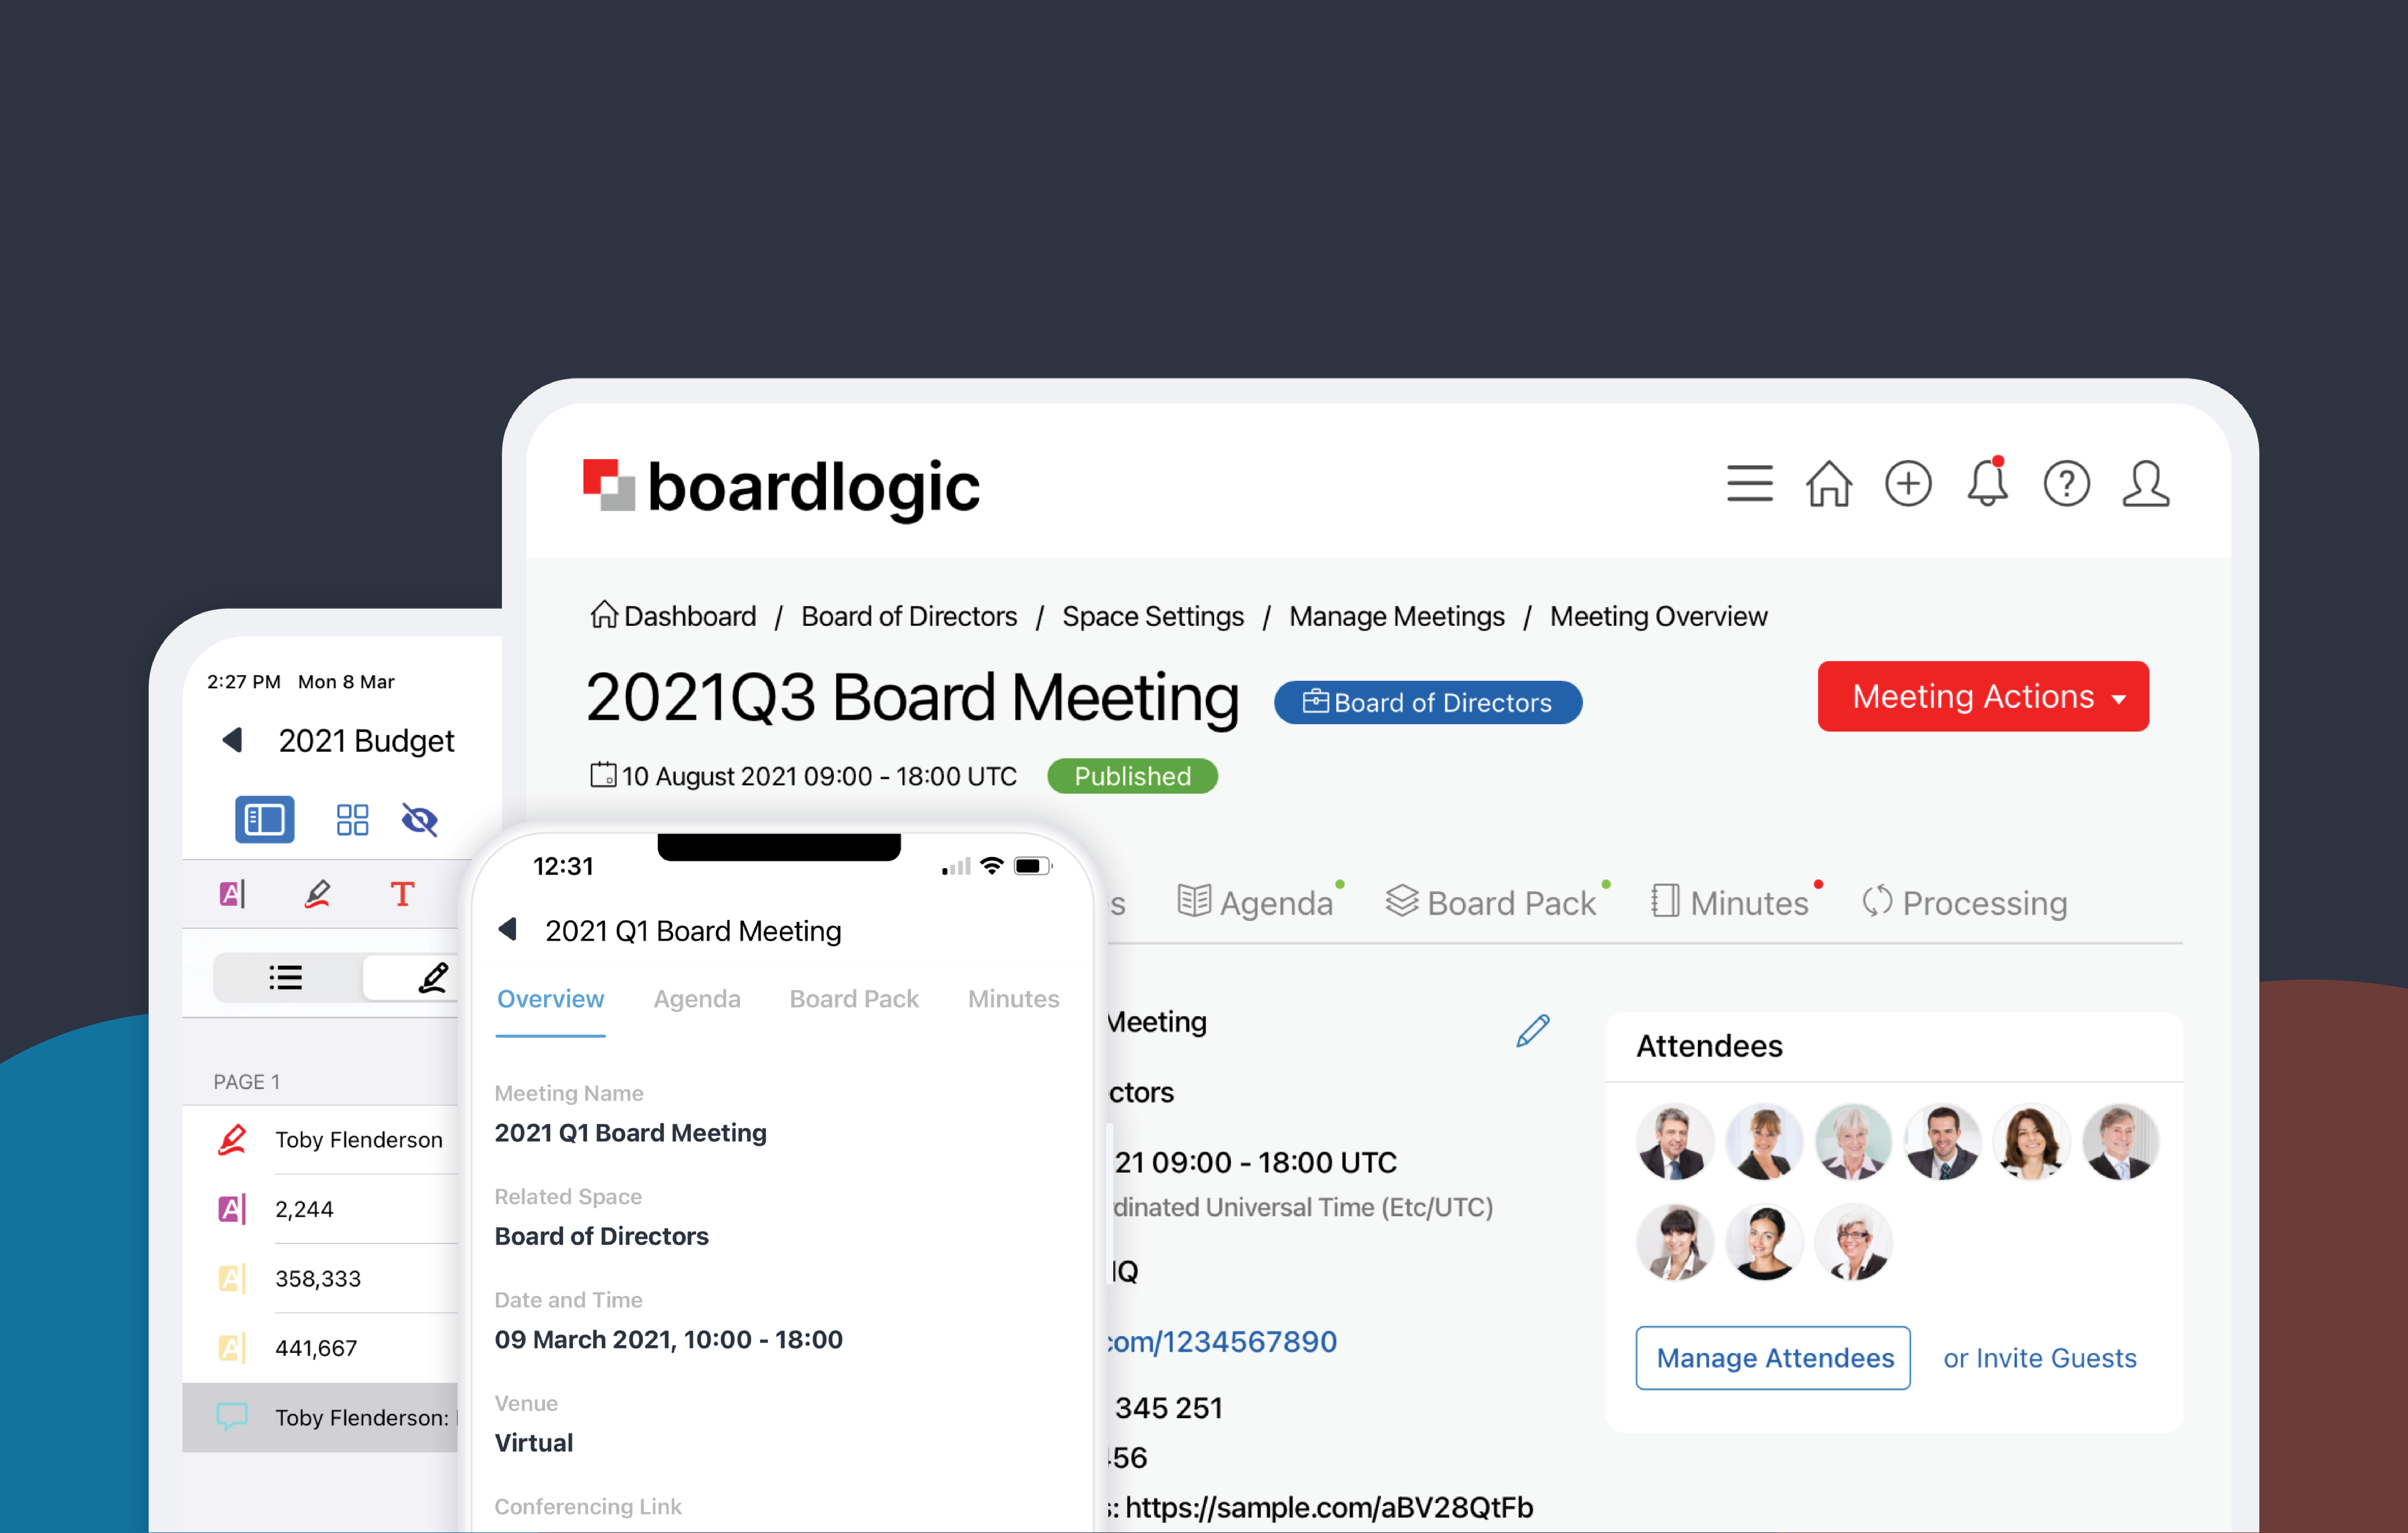 A New Era: The Praxonomy Board Portal is now Boardlogic